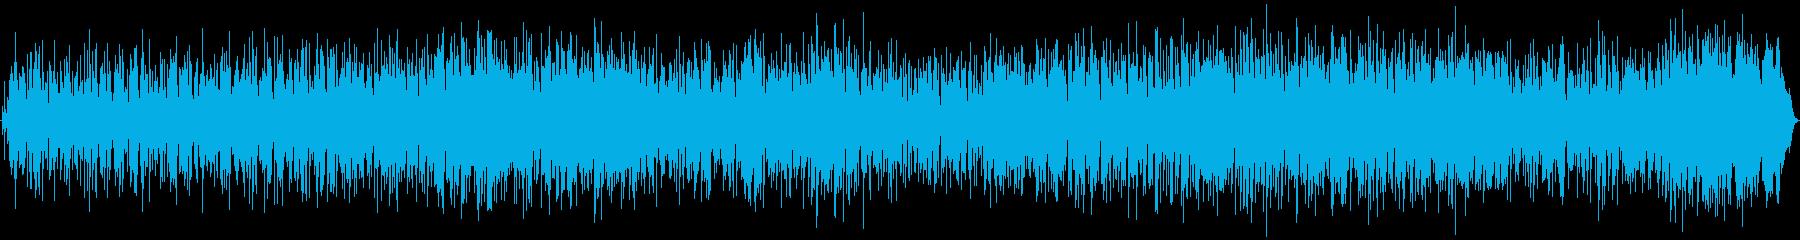 ボサノバ センチメンタル 感情的 ...の再生済みの波形